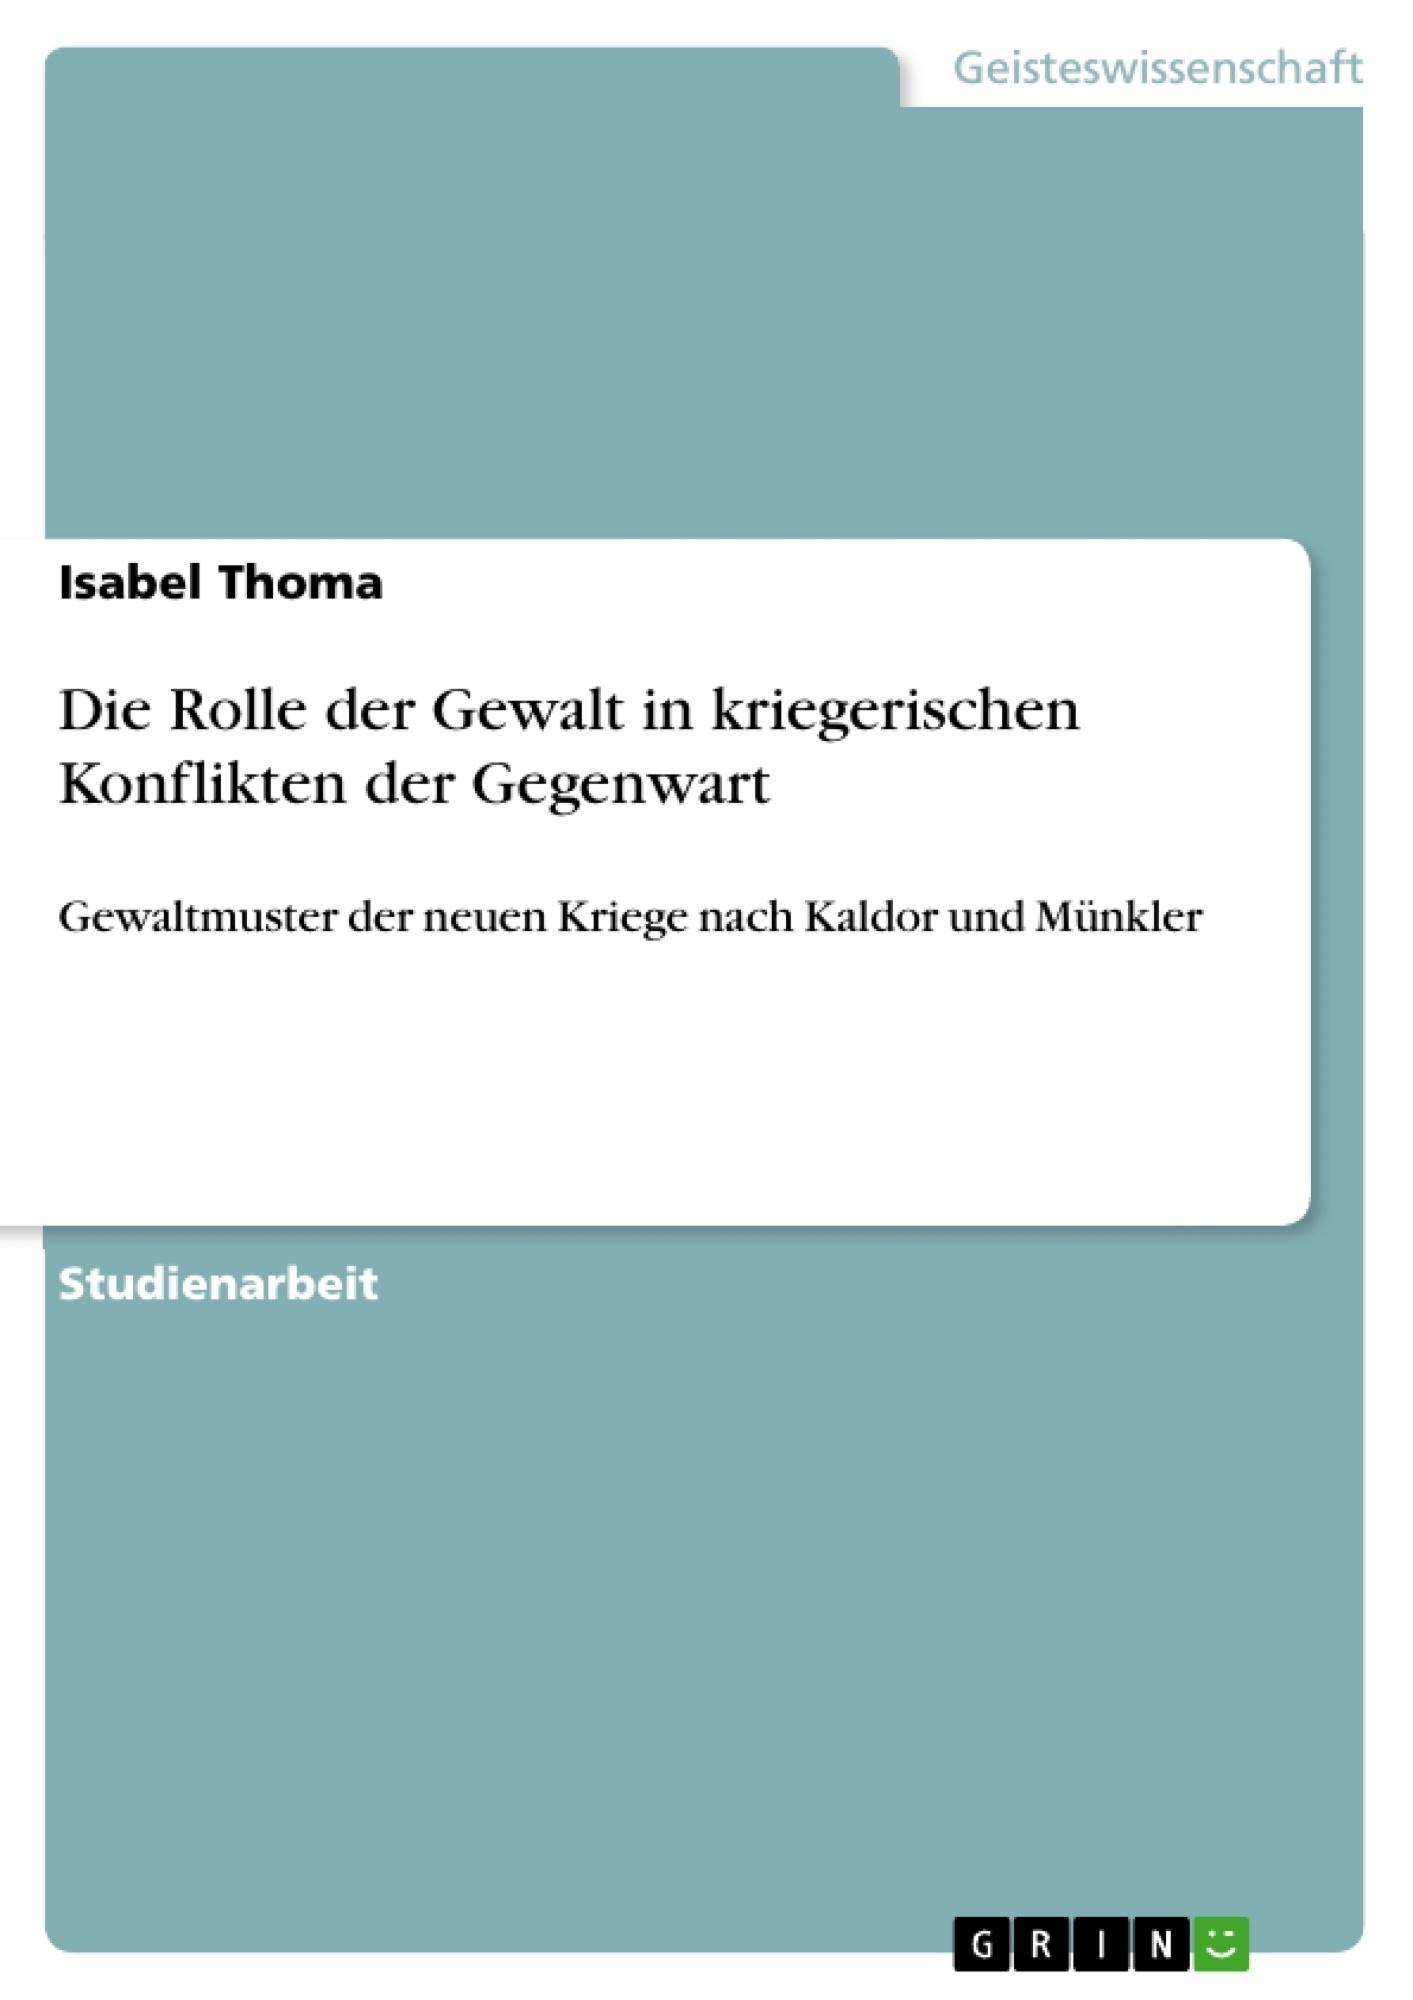 Titel: Die Rolle der Gewalt in kriegerischen Konflikten der Gegenwart